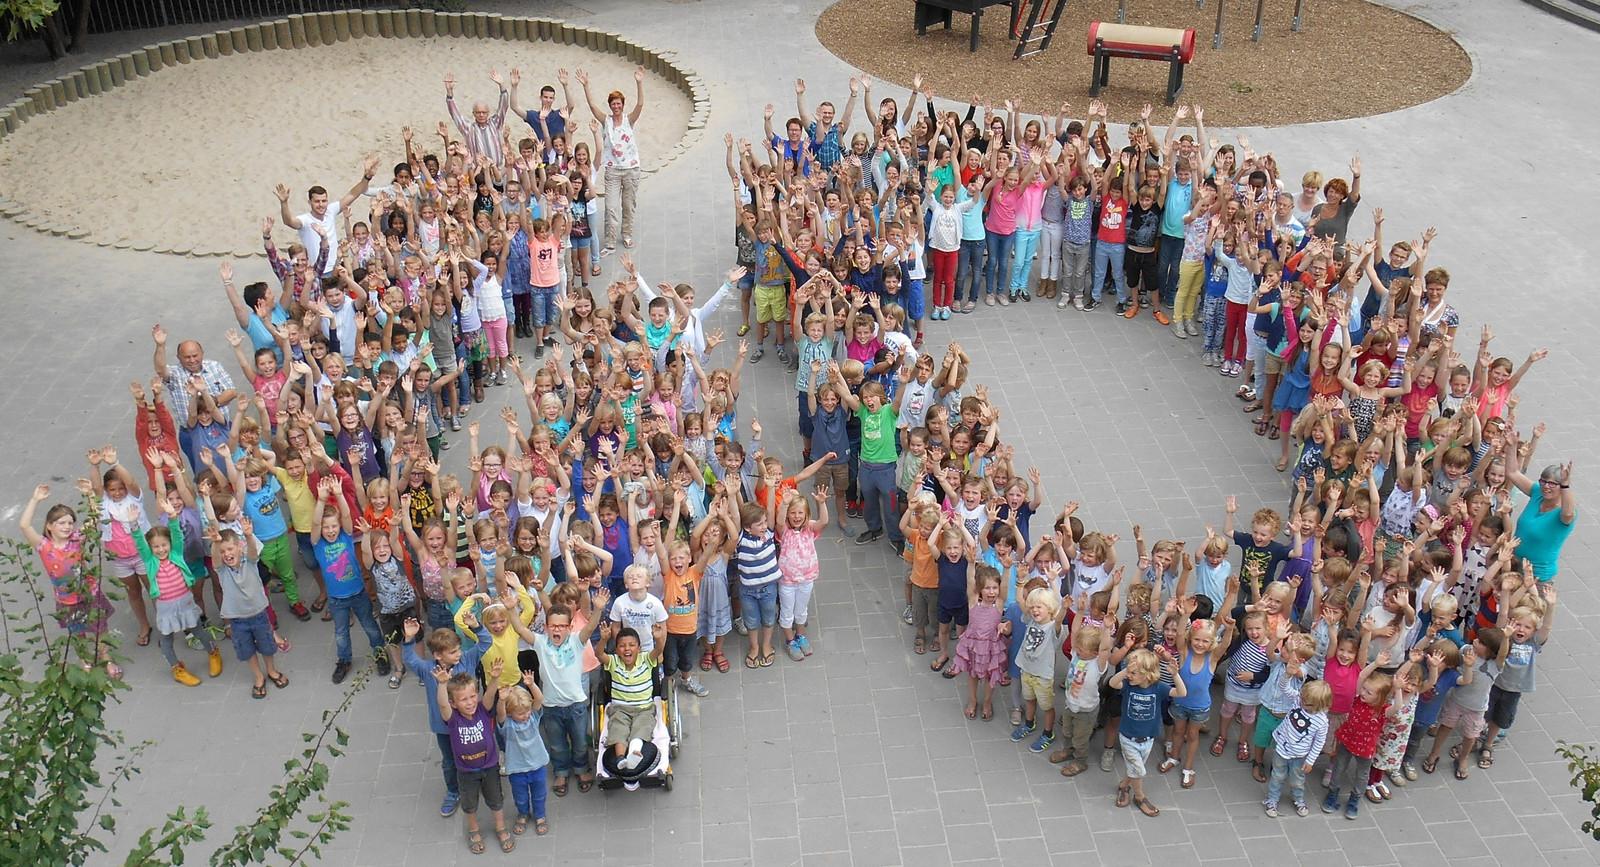 Leerlingen van De Kikkenduut vormden het getal '40' bij de viering van het 40-jarig bestaan van de eerste openbare basisschool van Oisterwijk.